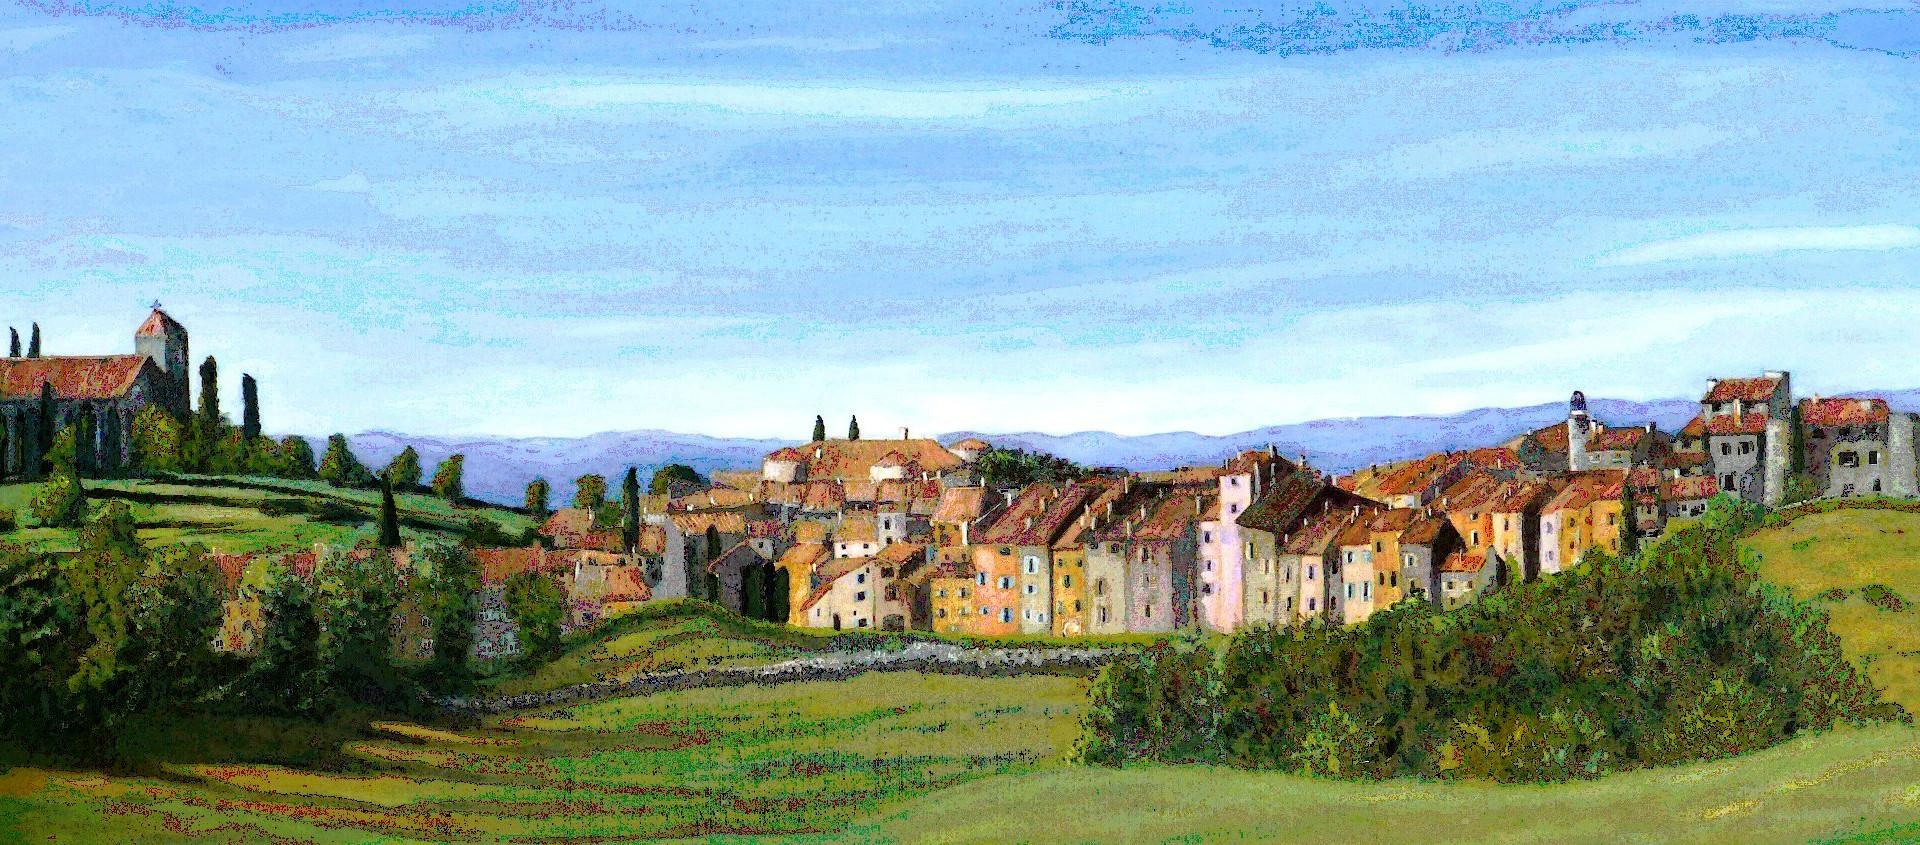 le village dans le ciel